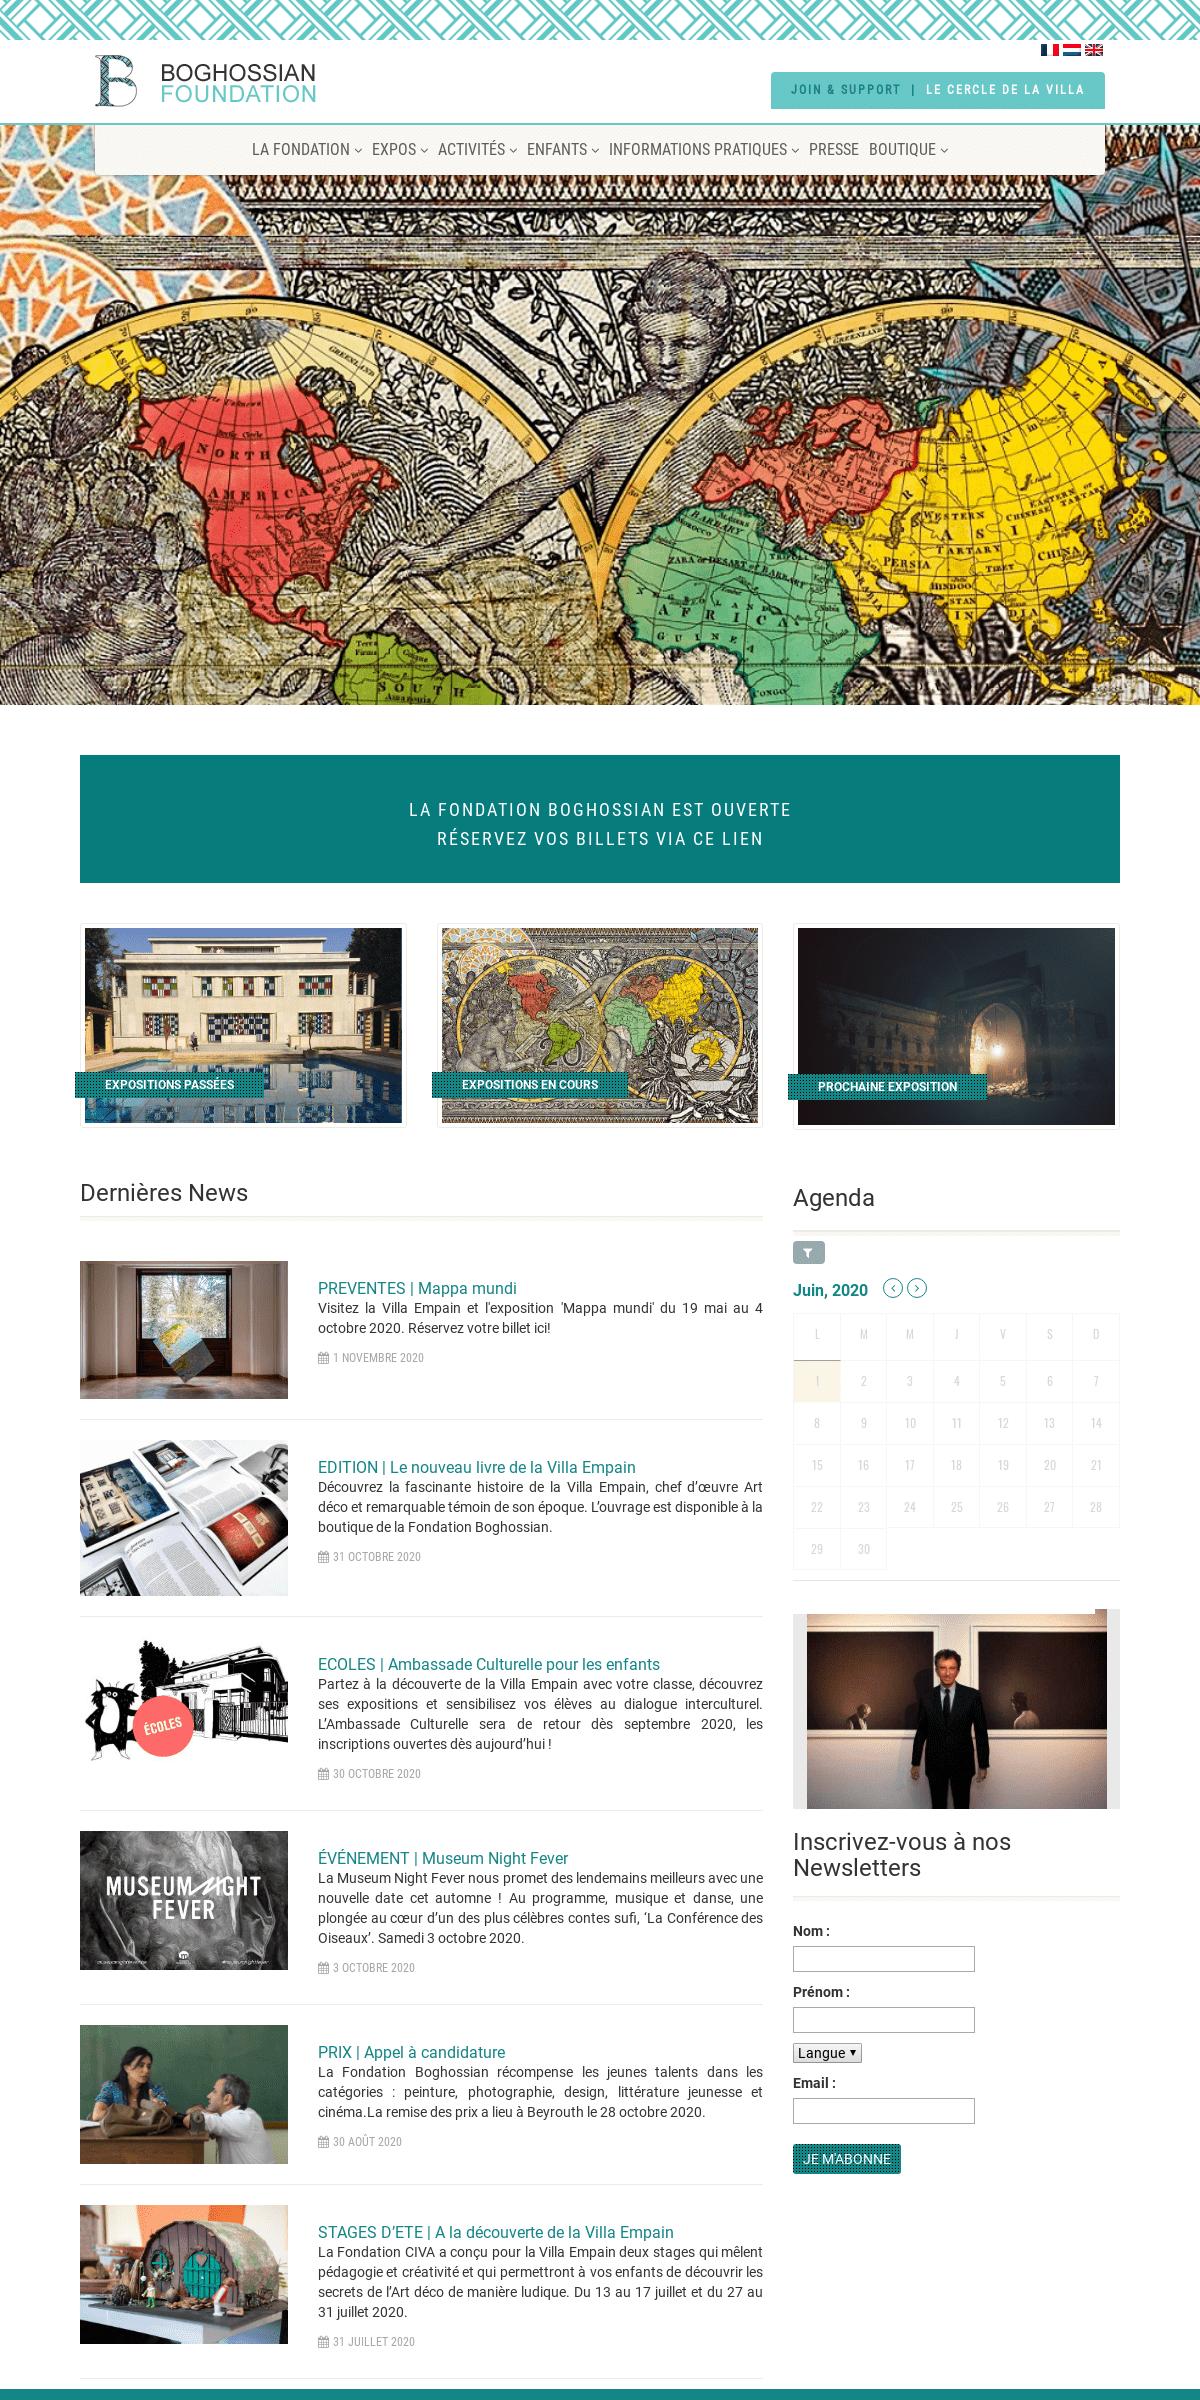 Accueil - Villa Empain - Fondation BoghossianVilla Empain – Fondation Boghossian